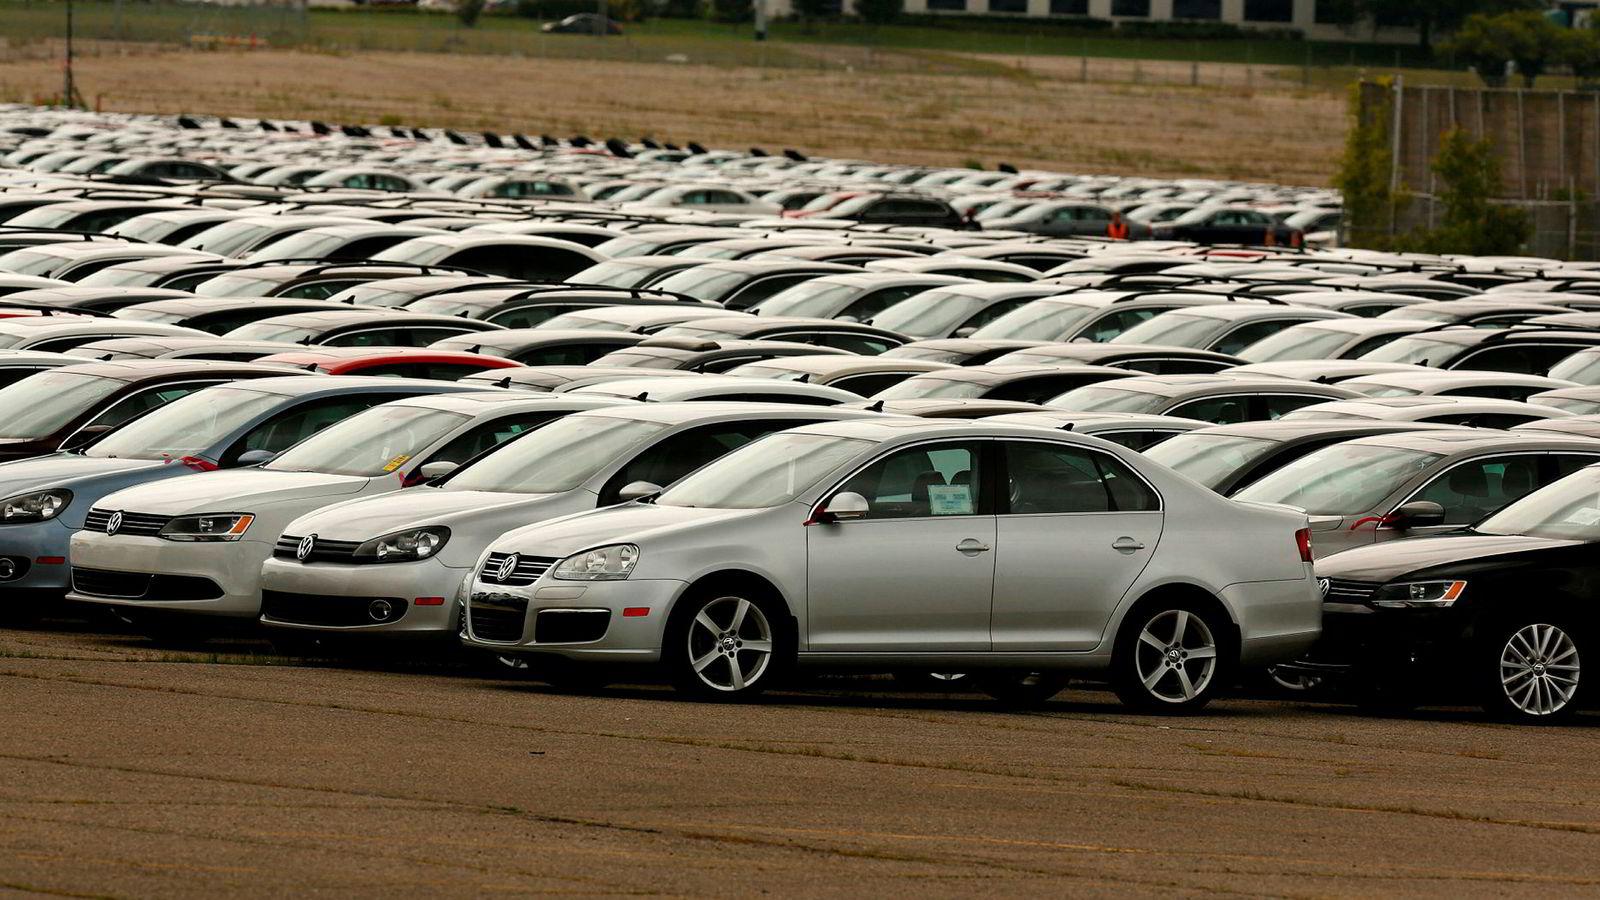 Mange biler ble kalt tilbake etter utslippsjukset fra 2015. Nå må selskapet gjøre opp for seg